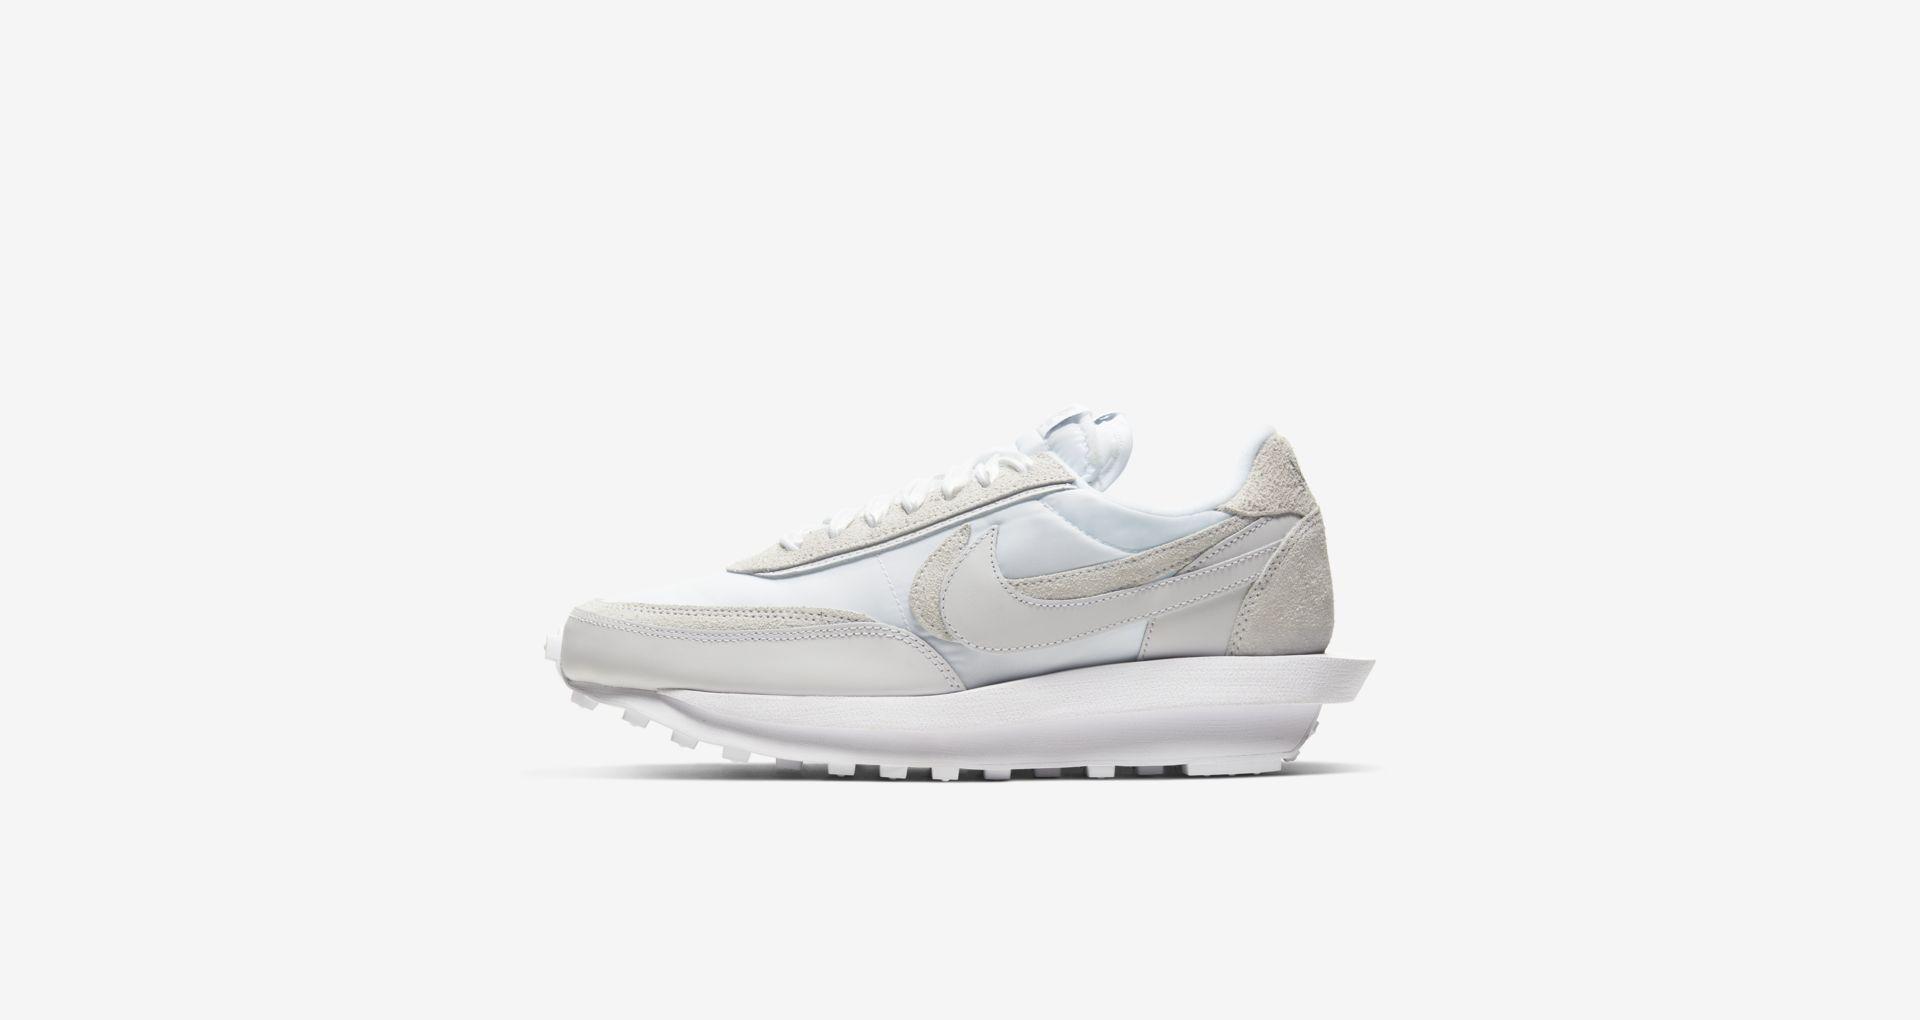 Nike will release a unique